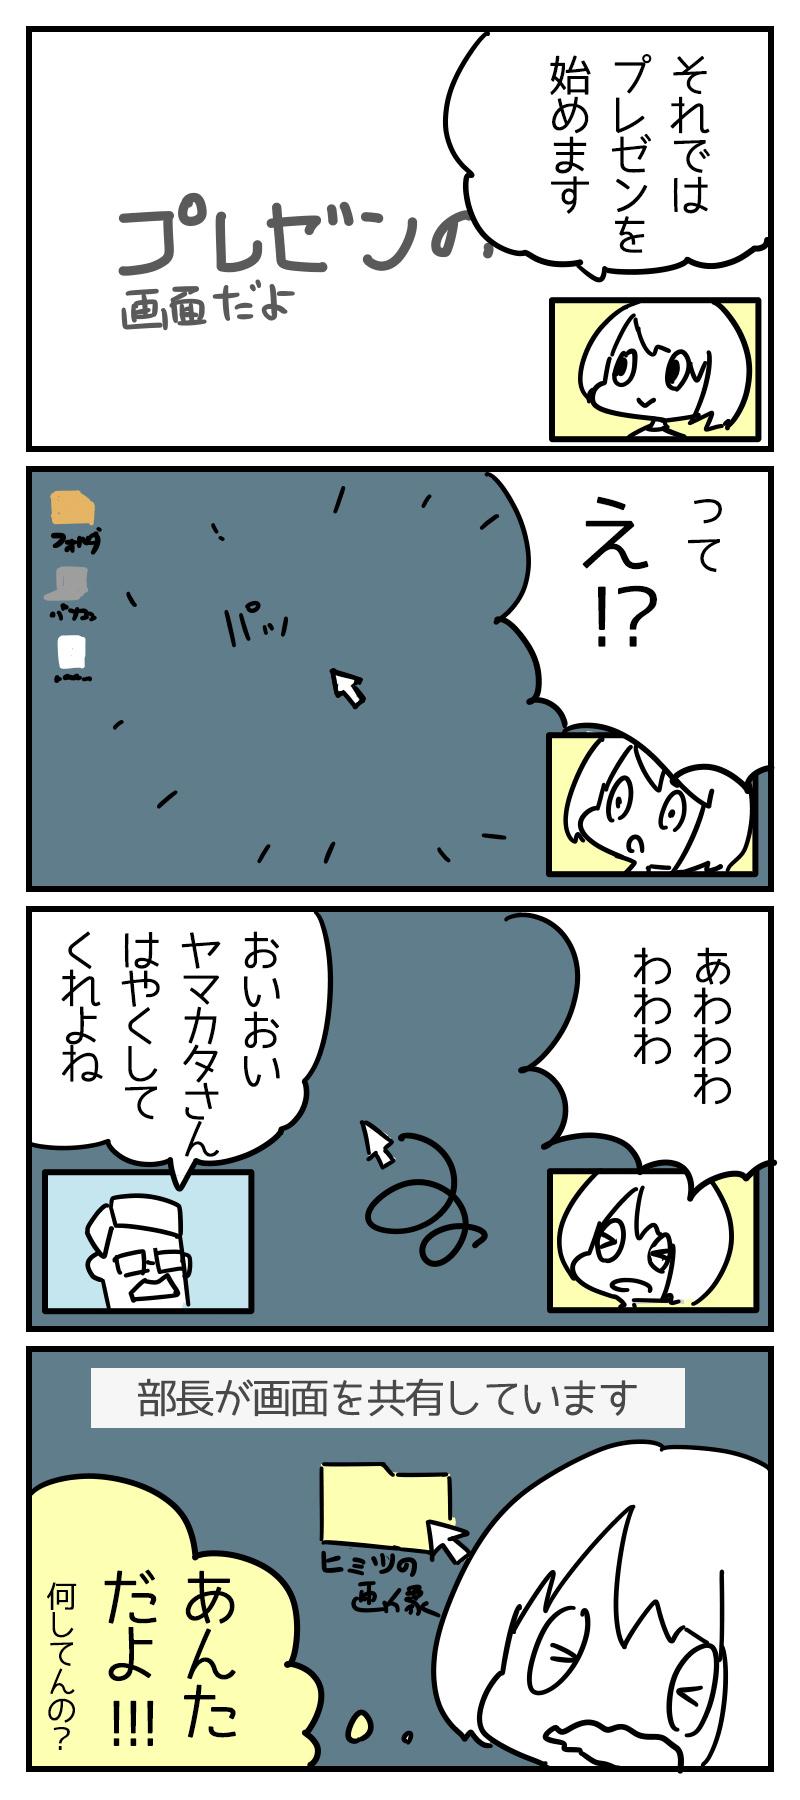 ヤマカタさんと秘密の画像